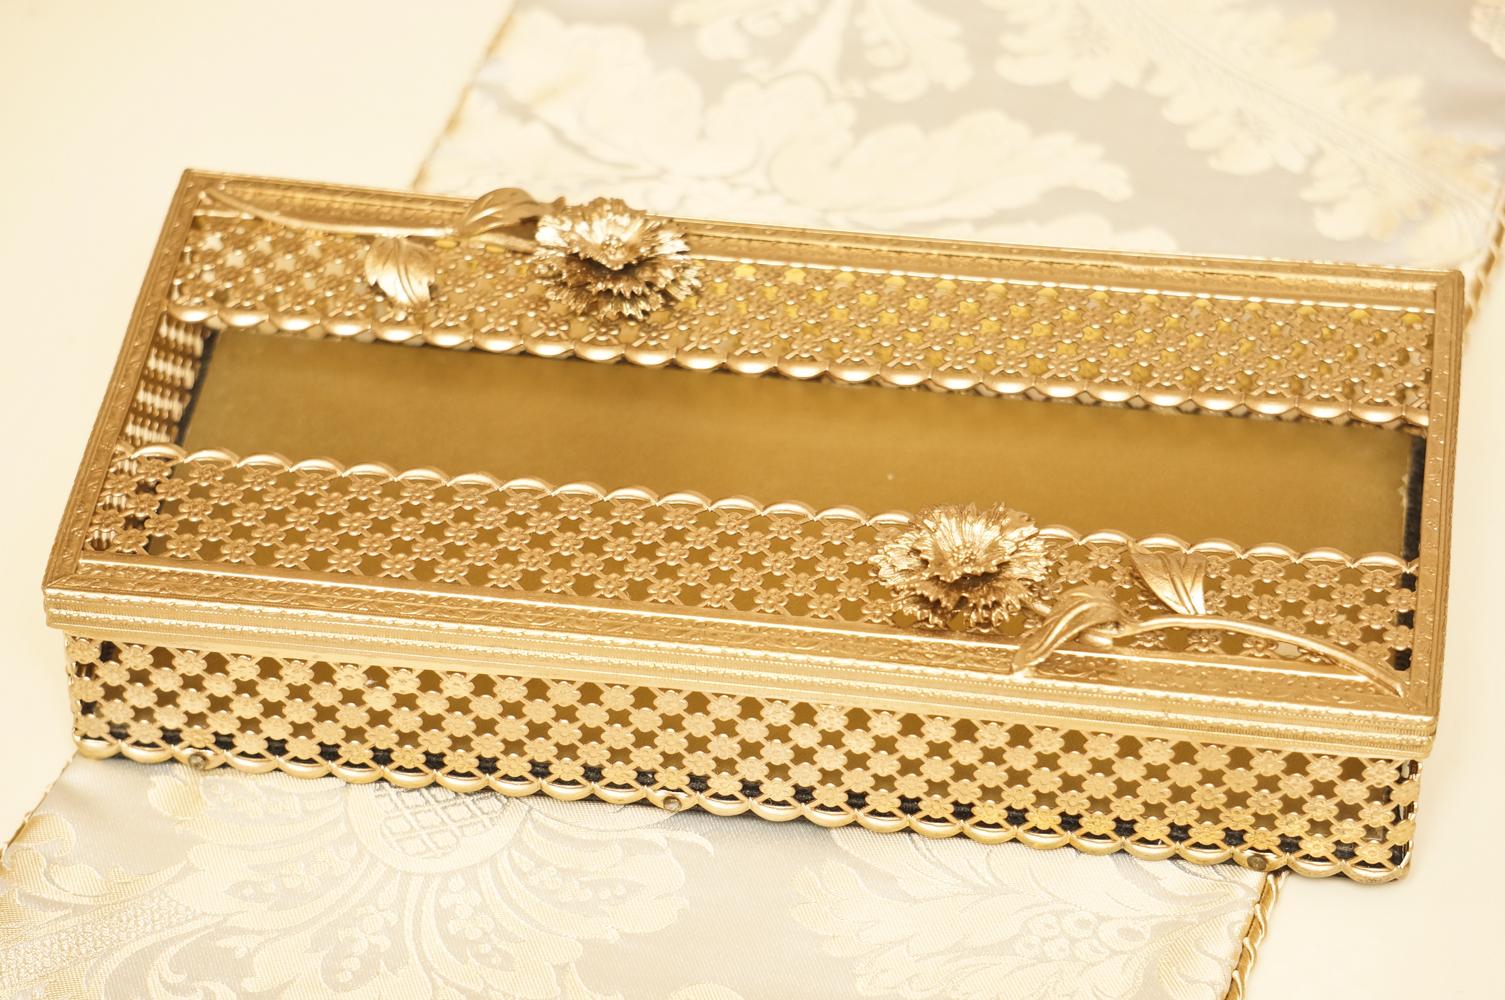 Sold:グローブ製 ゴールド カーネーション ティッシュボックス